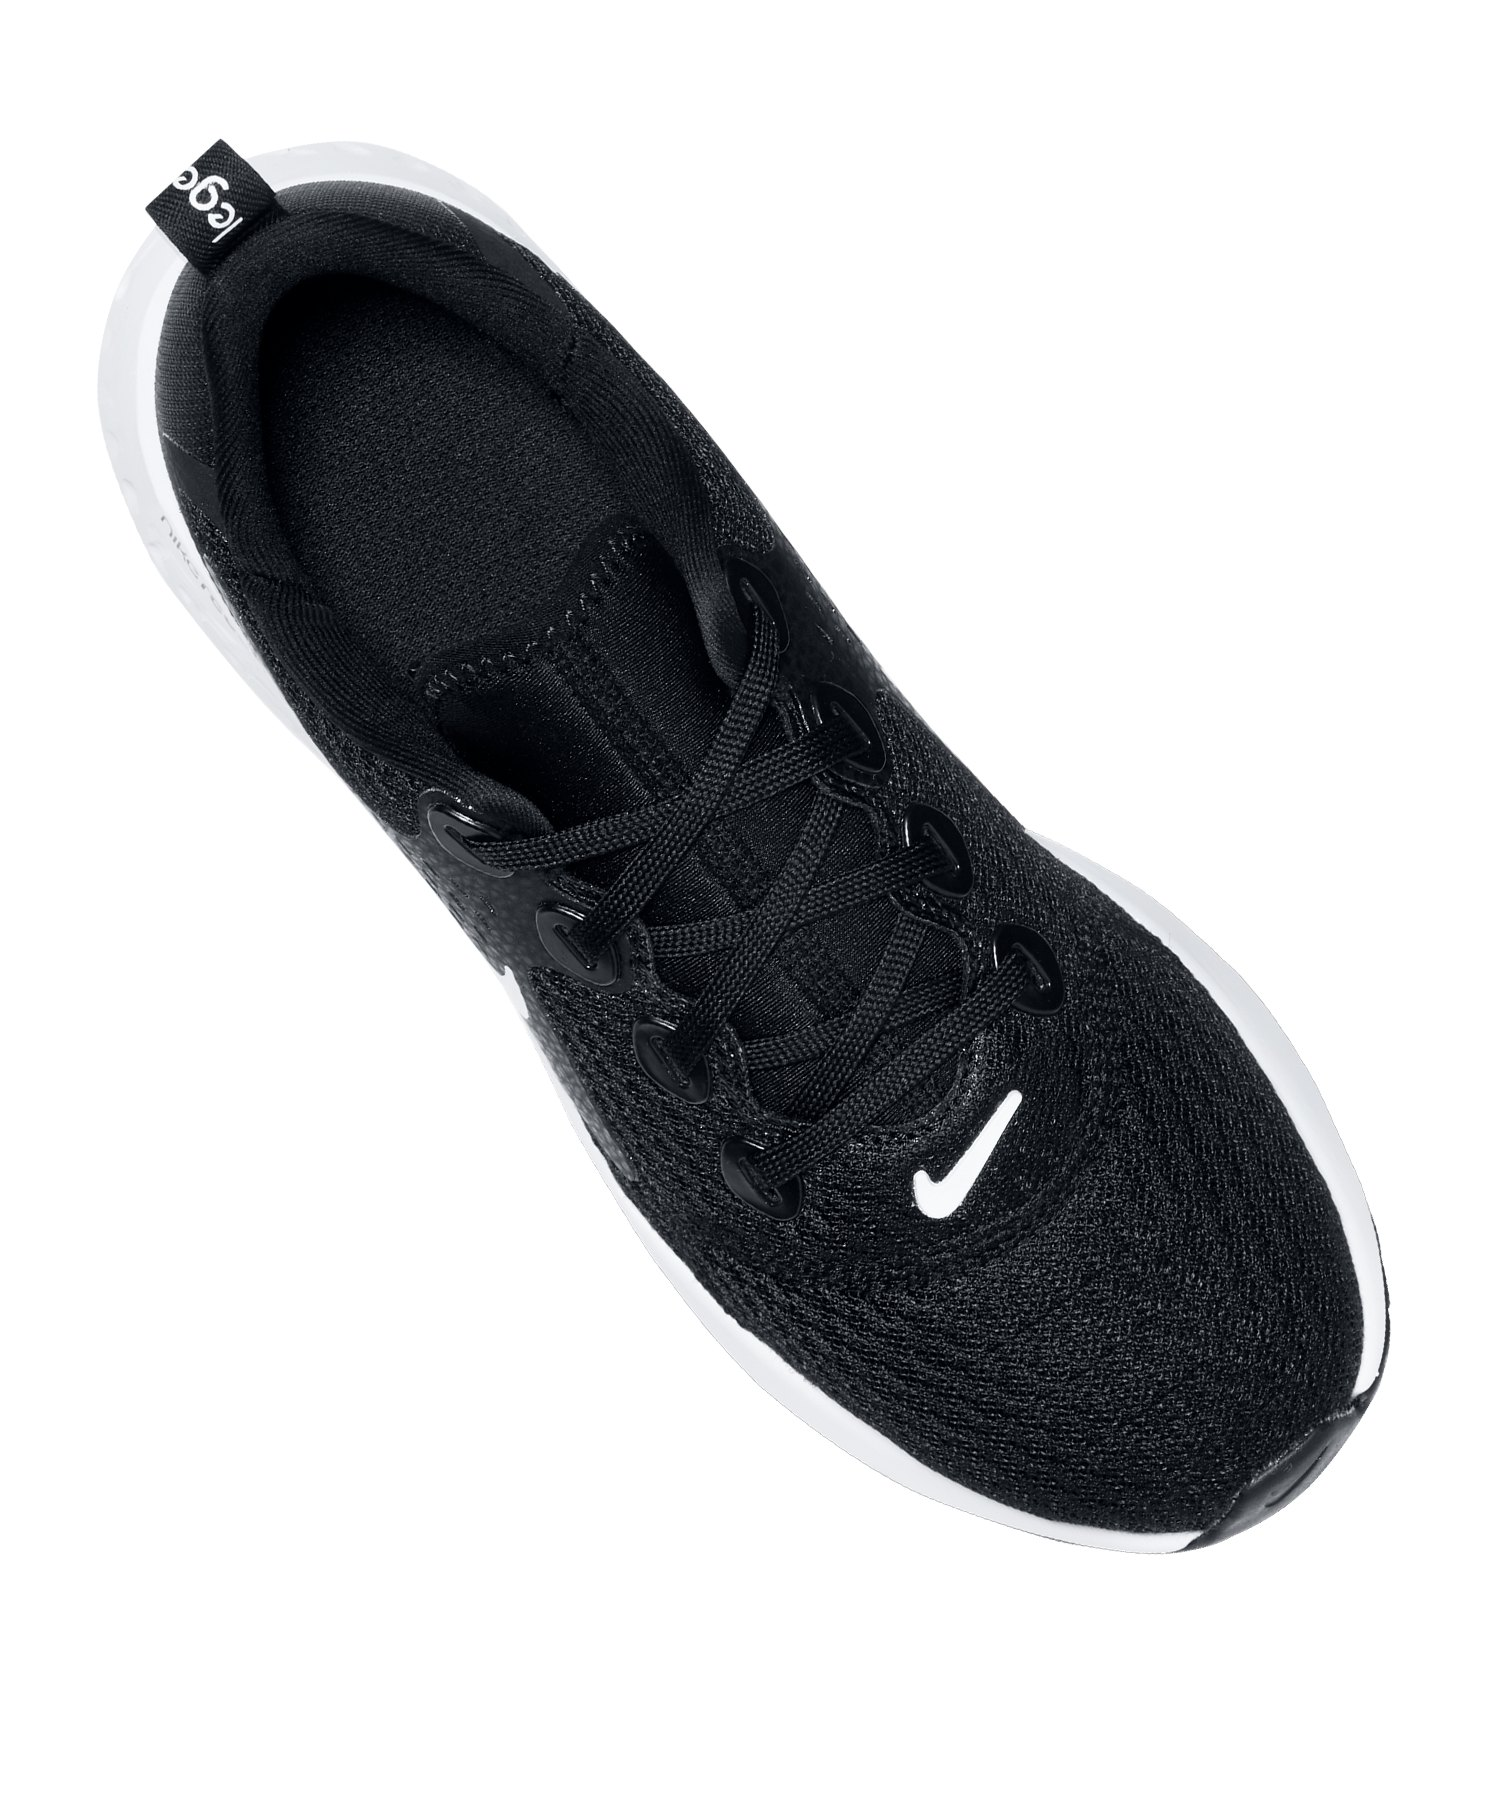 best website 9532e 1111f ... Nike Legend React Running Kids Schwarz Weiss F001 - schwarz ...